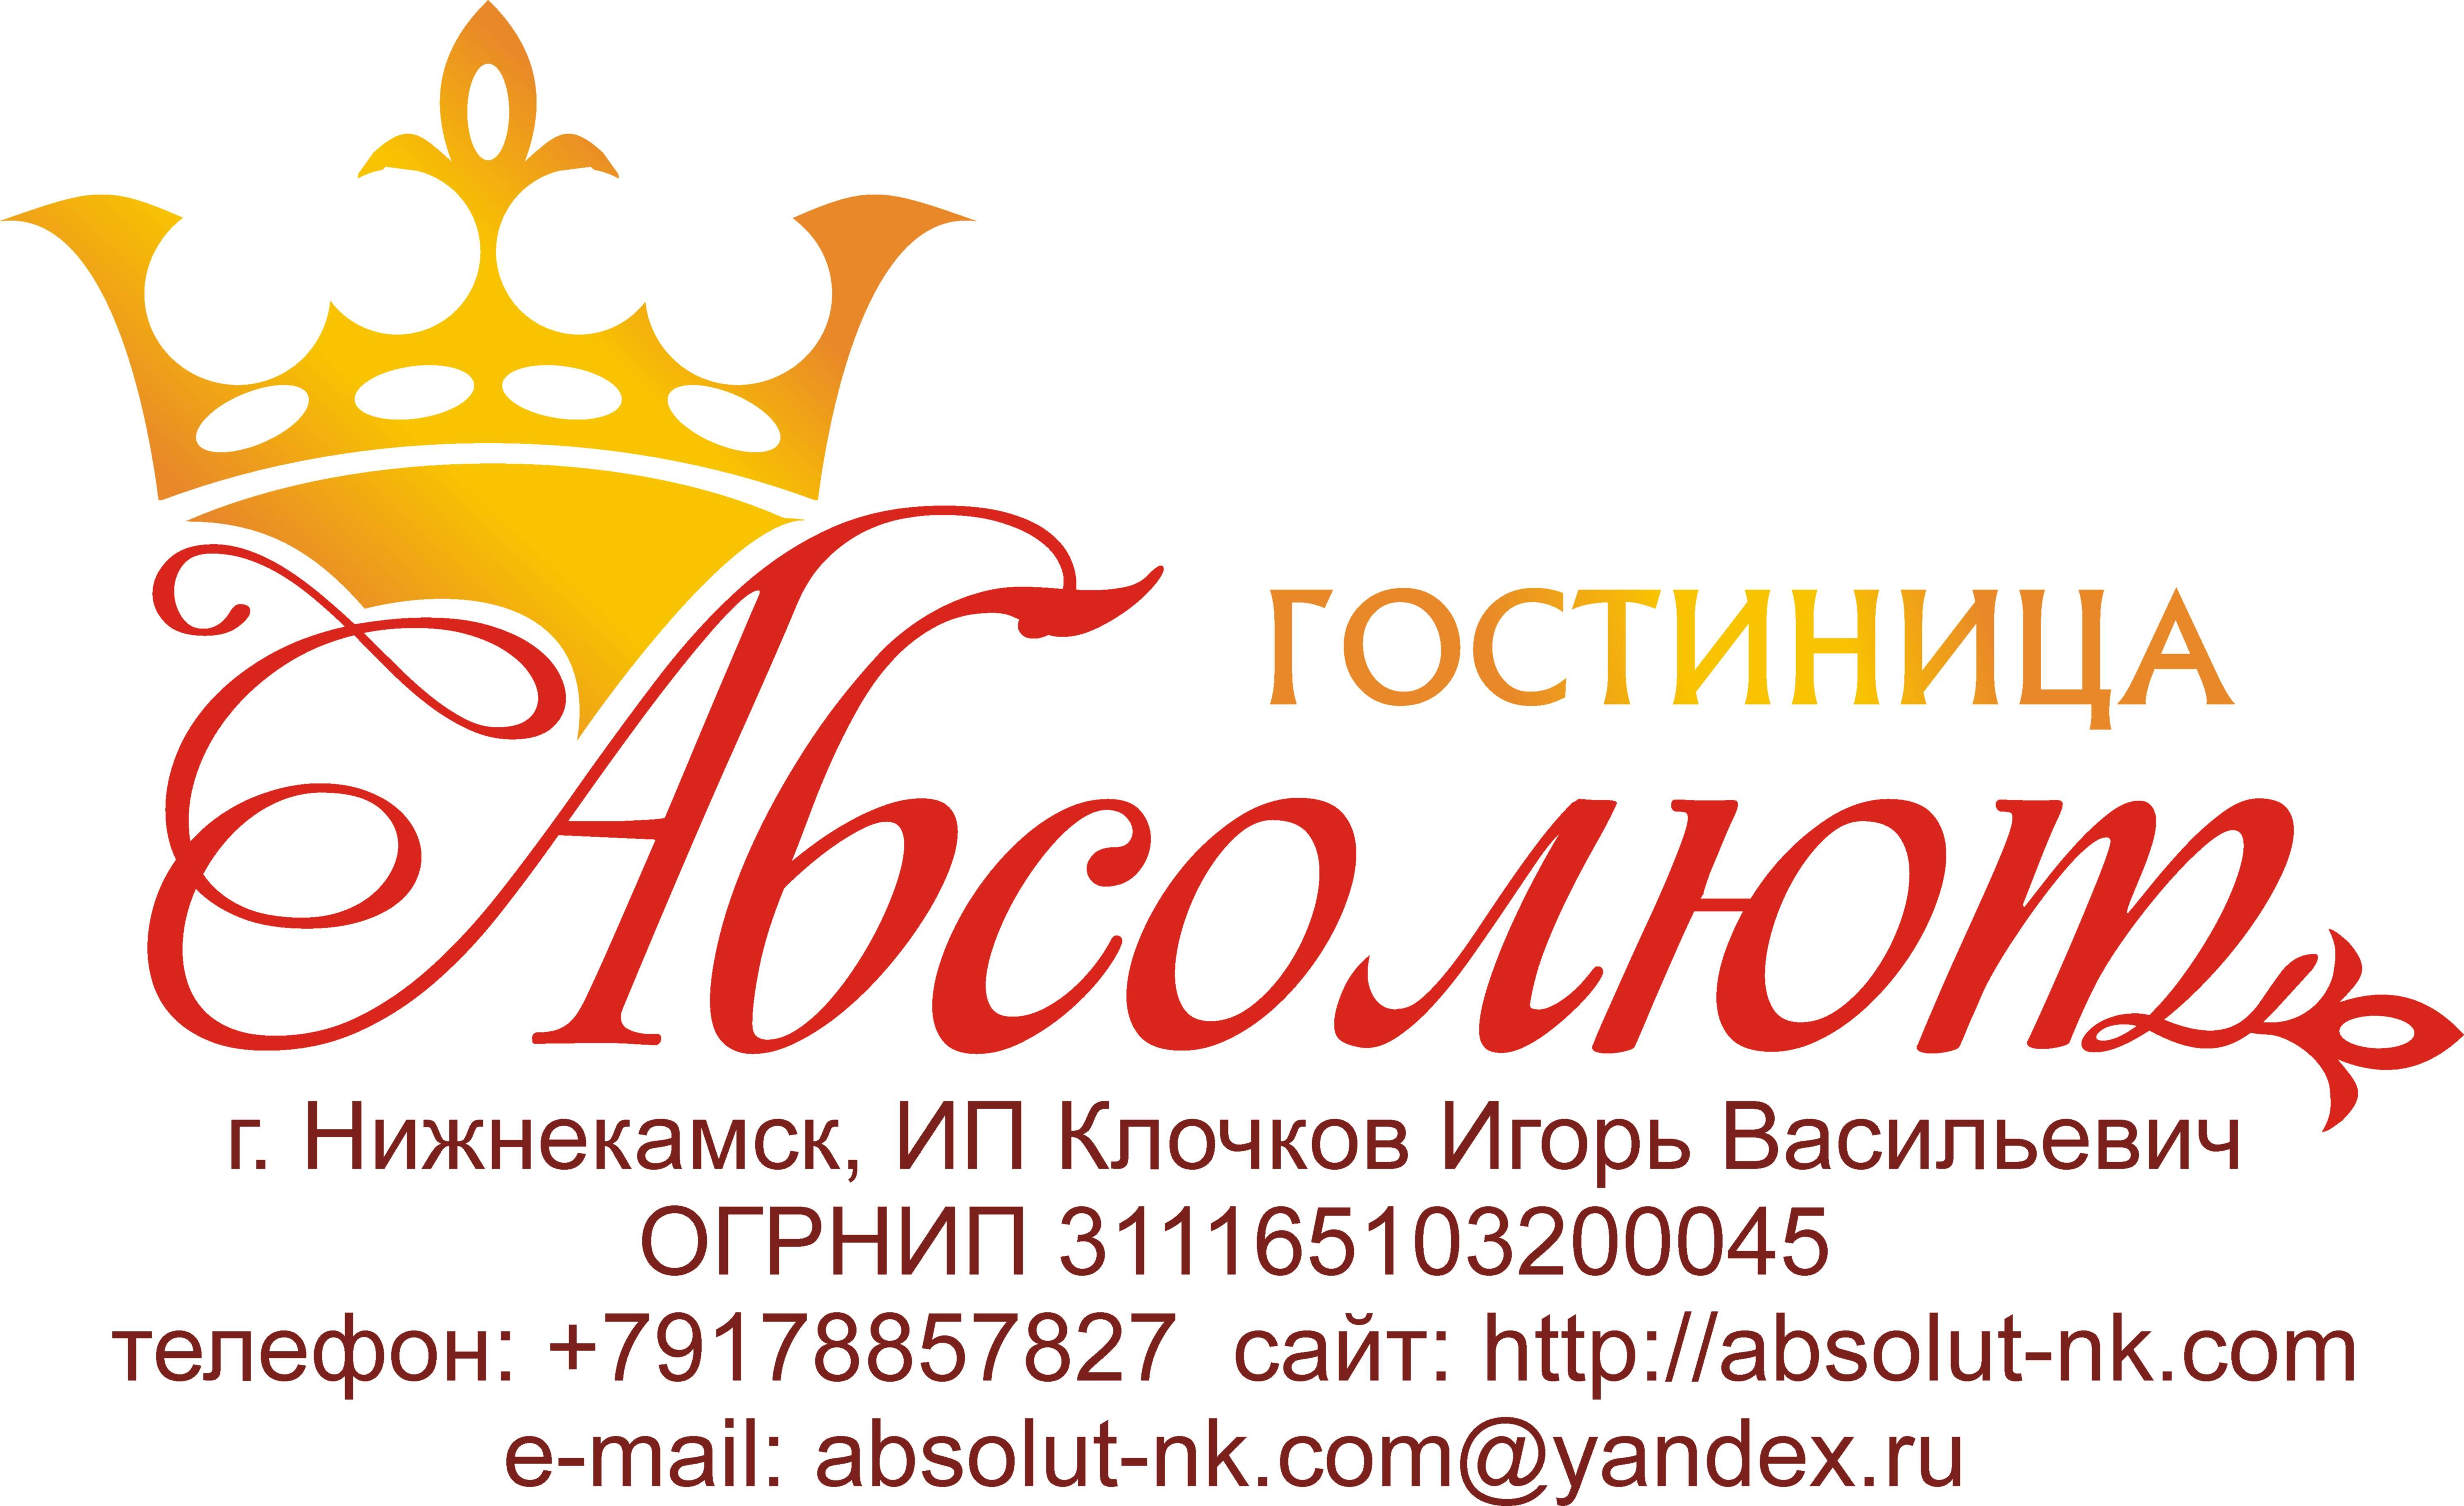 Гостиница Нижнекамска логотип